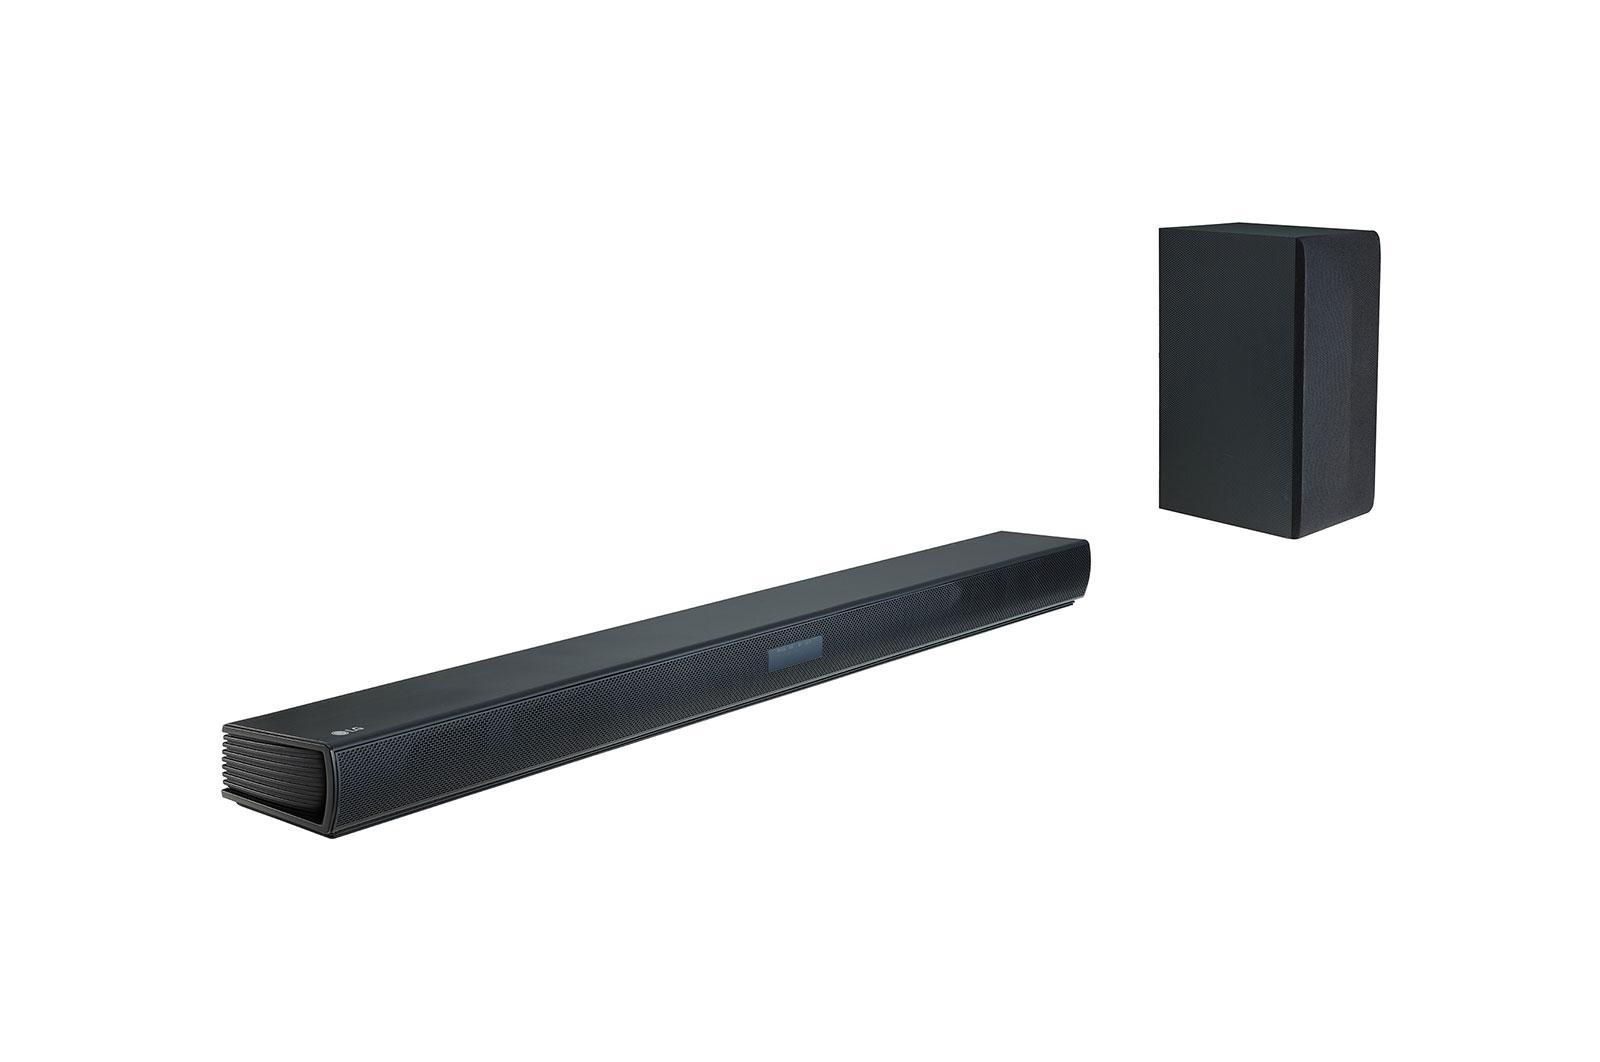 SK4D haut-parleur soundbar 2.1 canaux 300 W Noir Avec fil &sans fil